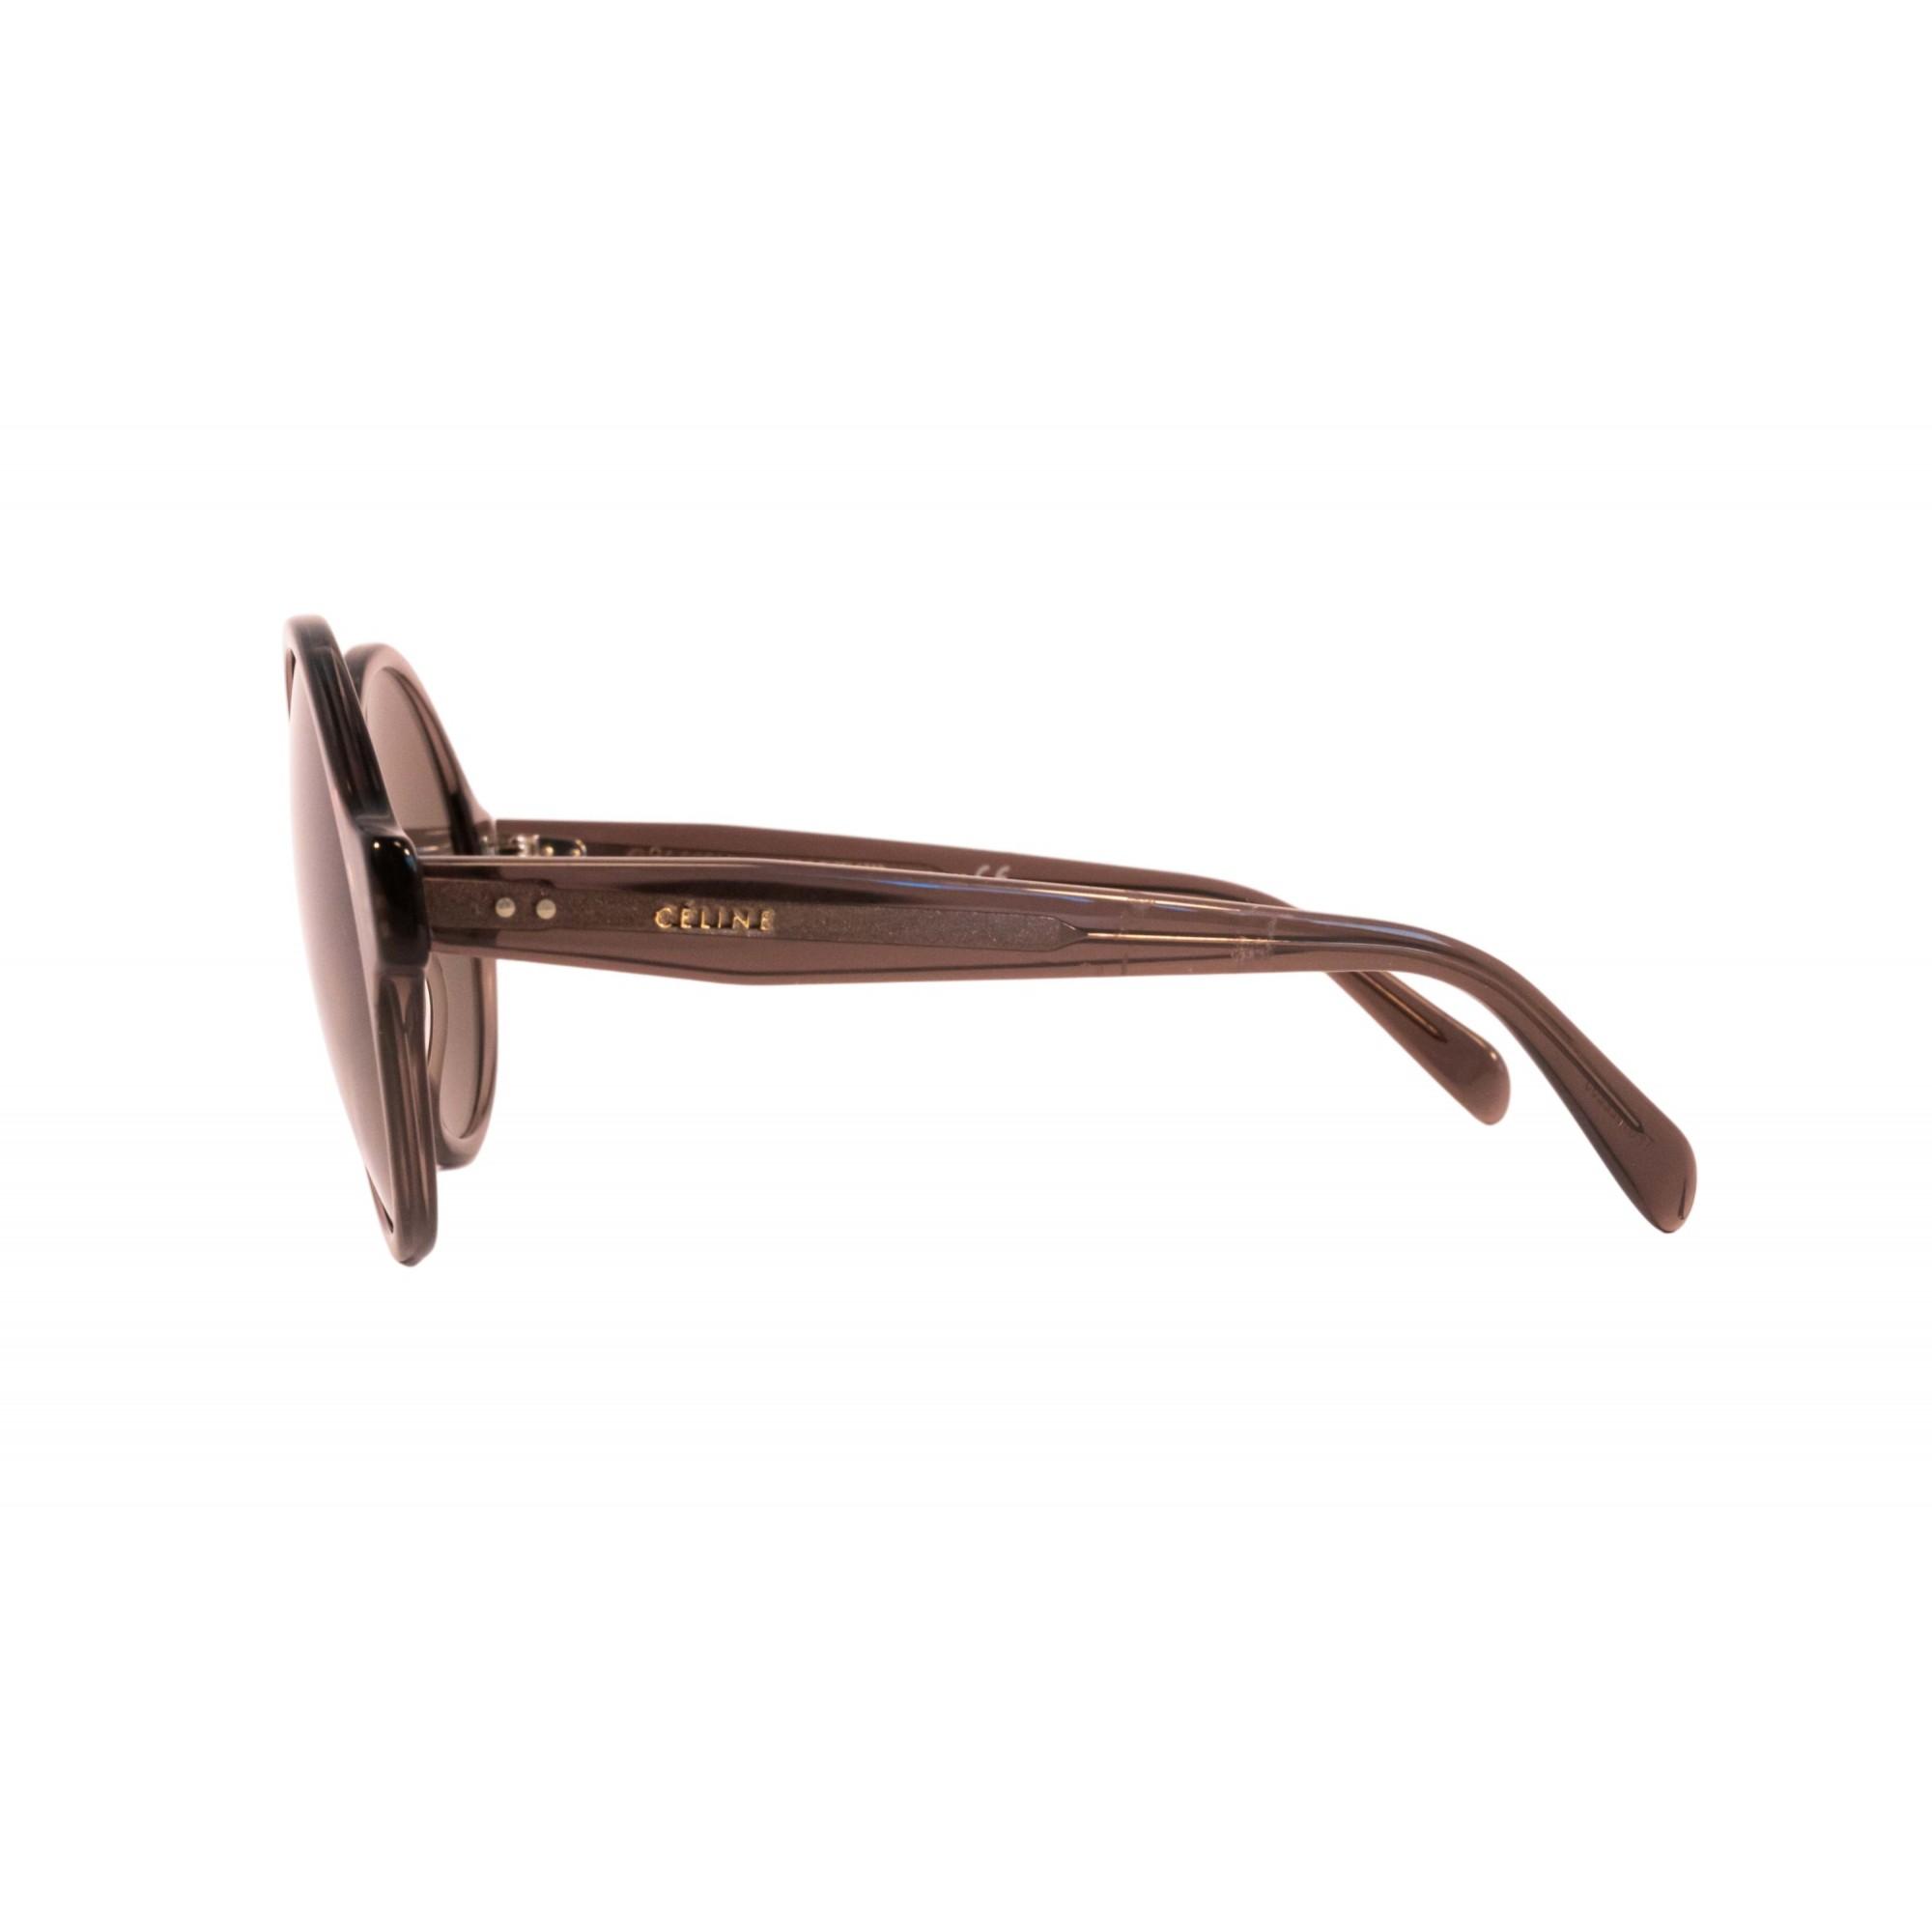 Óculos Celine Redondo cl40051i 39e 58 Transparente